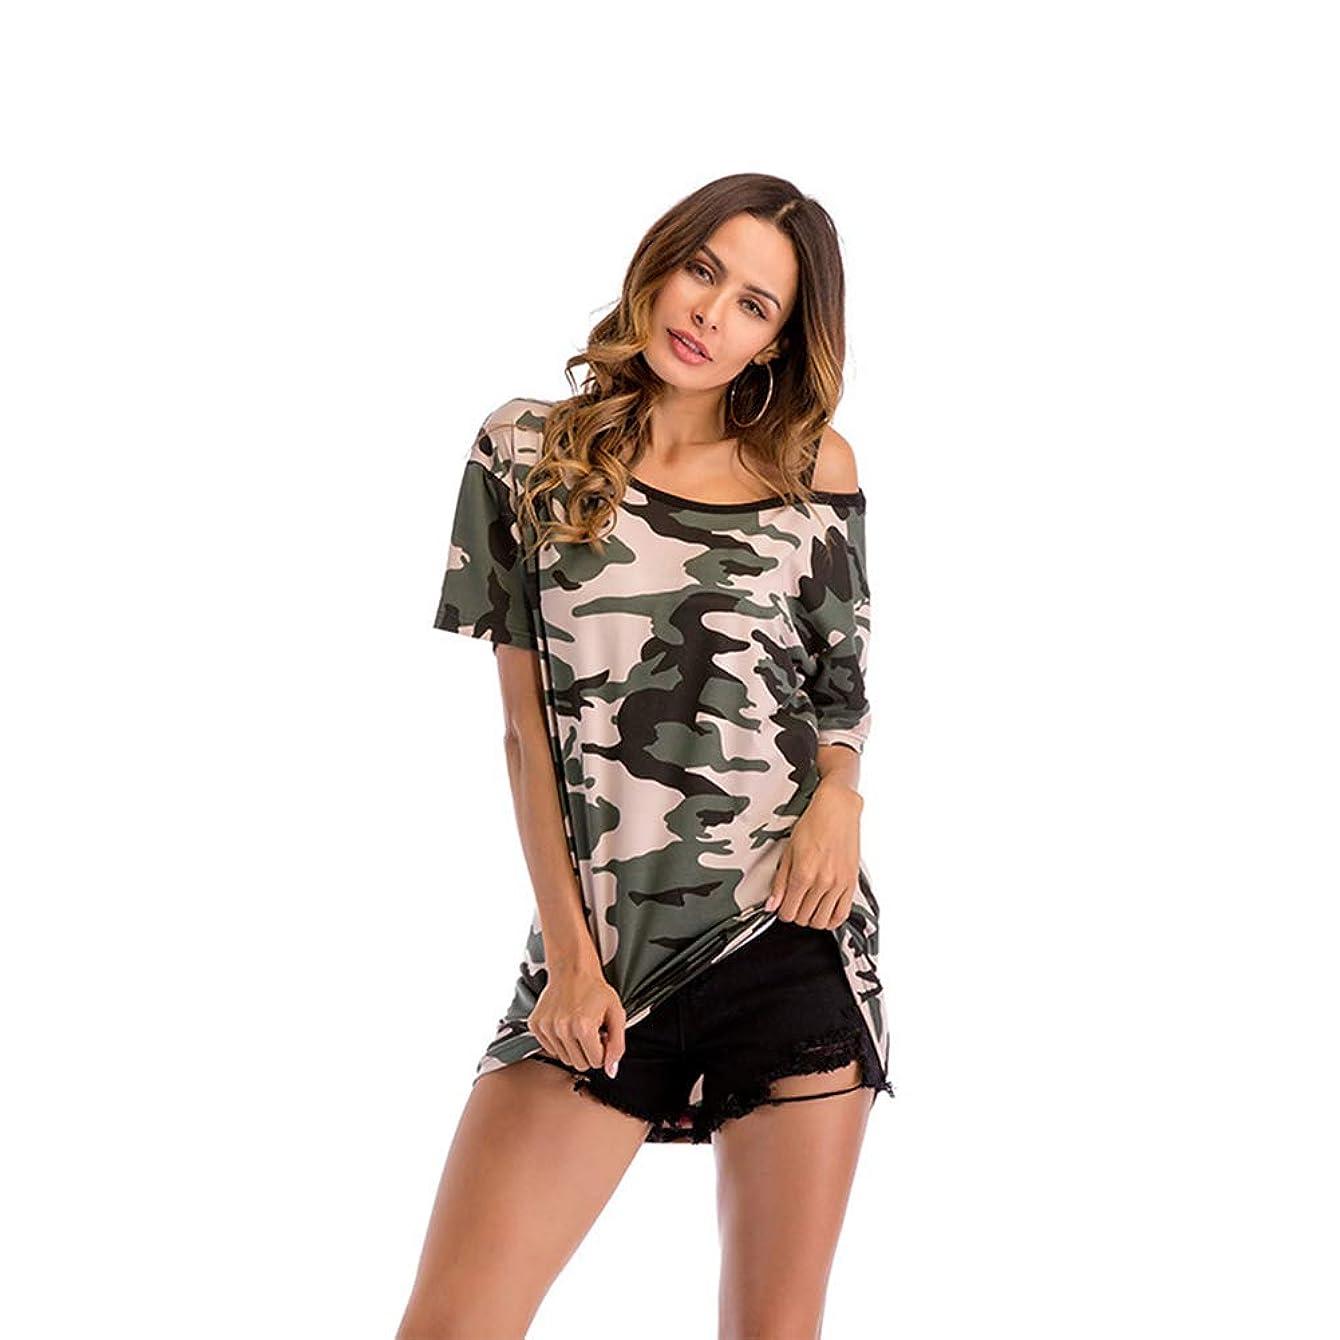 ベットヤギピラミッド長袖の女性の半袖、迷彩プリントパターン、リラックスした快適な、スタイリッシュでシンプルな,L